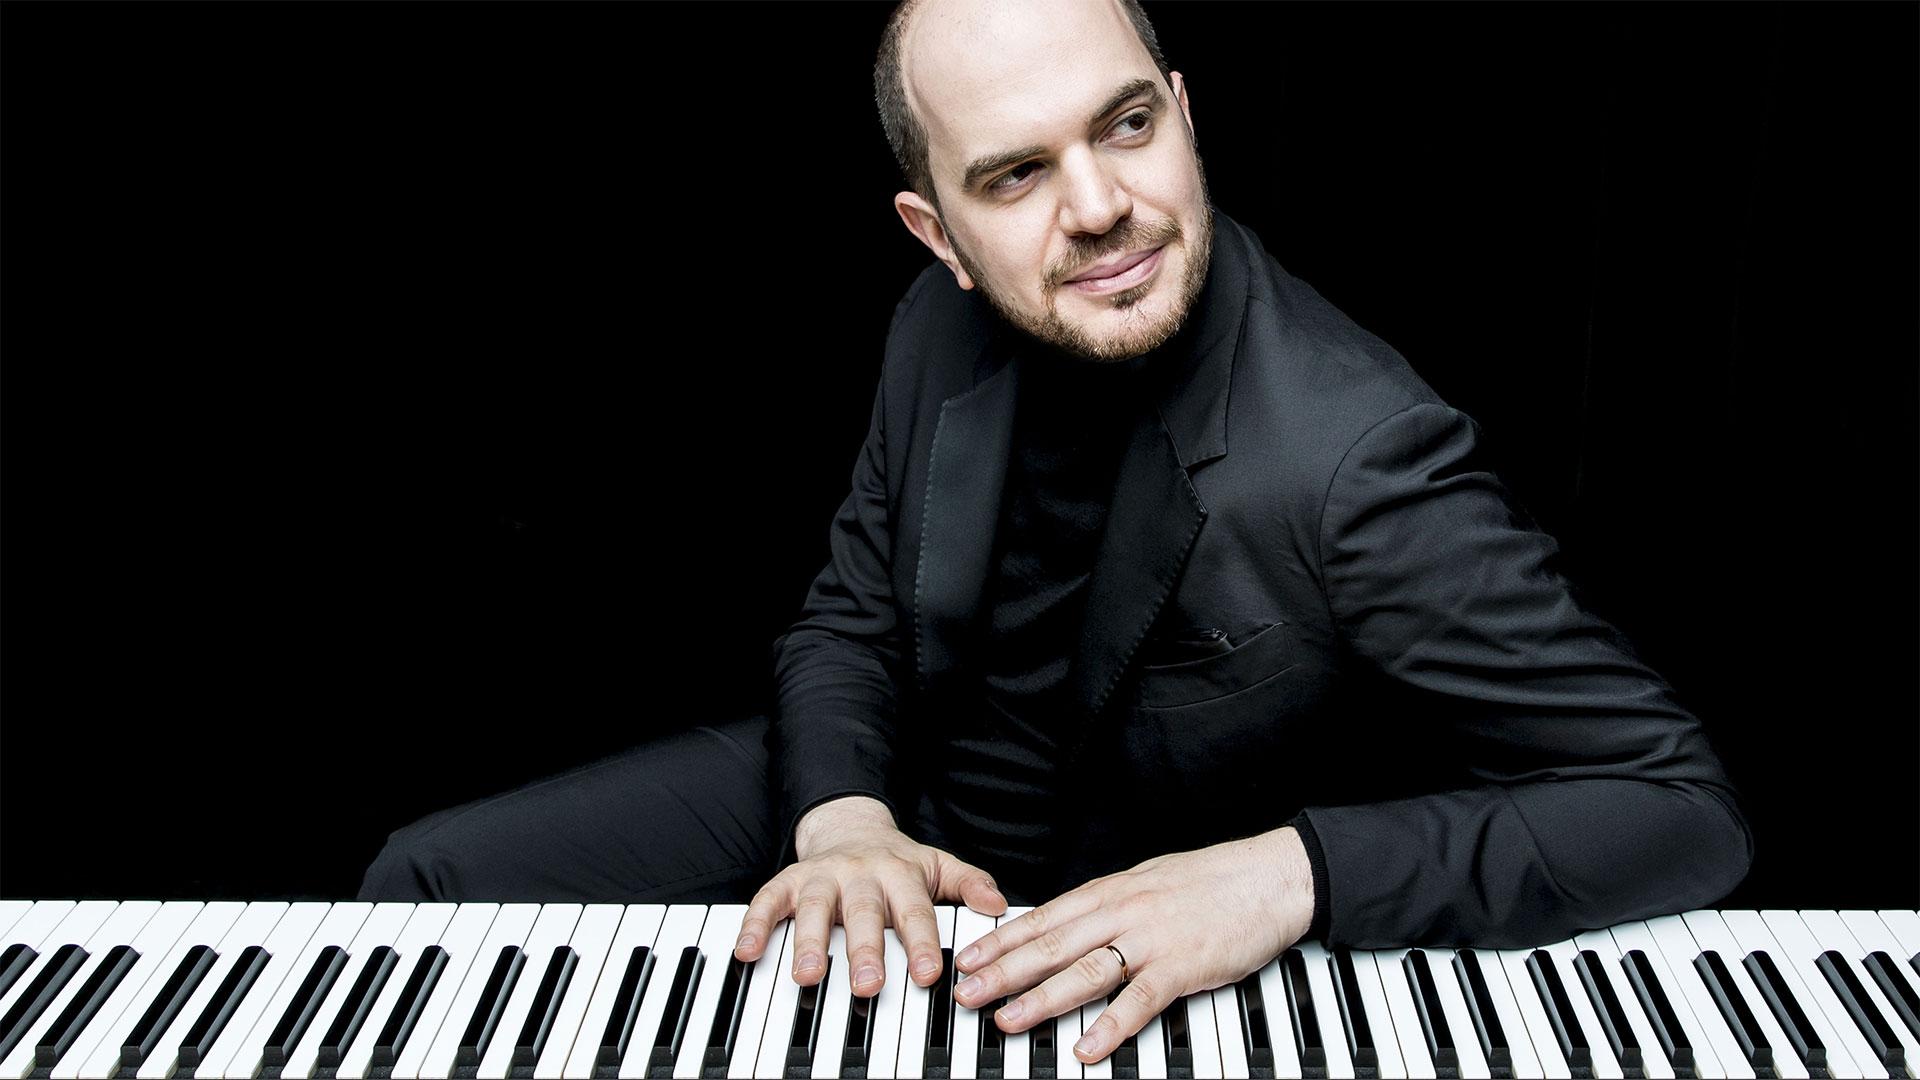 P2 Koncerten: Torsdagskoncert med Sjostakovitj og Beethoven